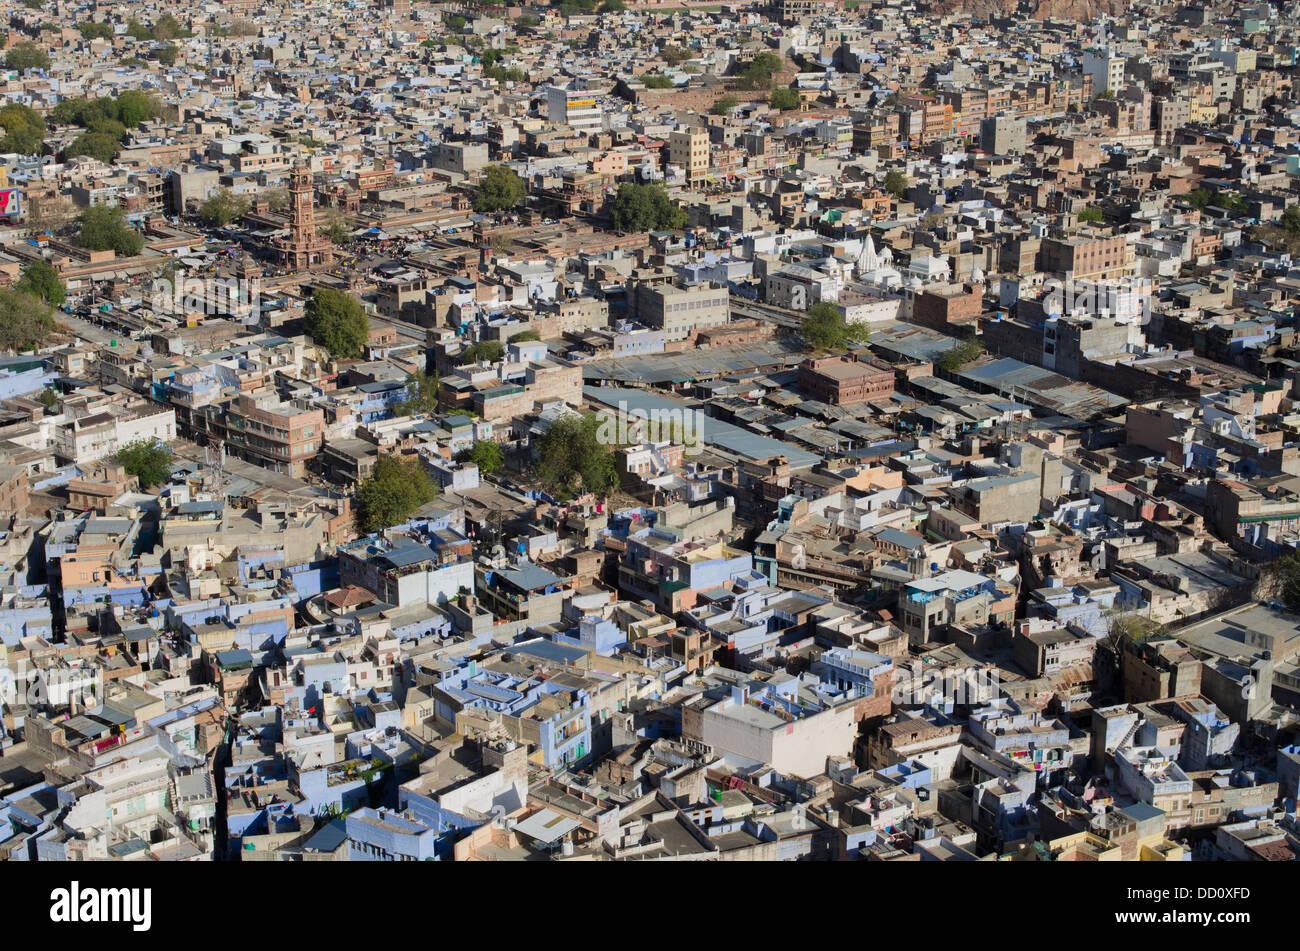 Vue aérienne de la ville bleue, Jodhpur, Inde Rajashtan. Sardar Market tour de l'horloge en haut à gauche de l'image. Banque D'Images